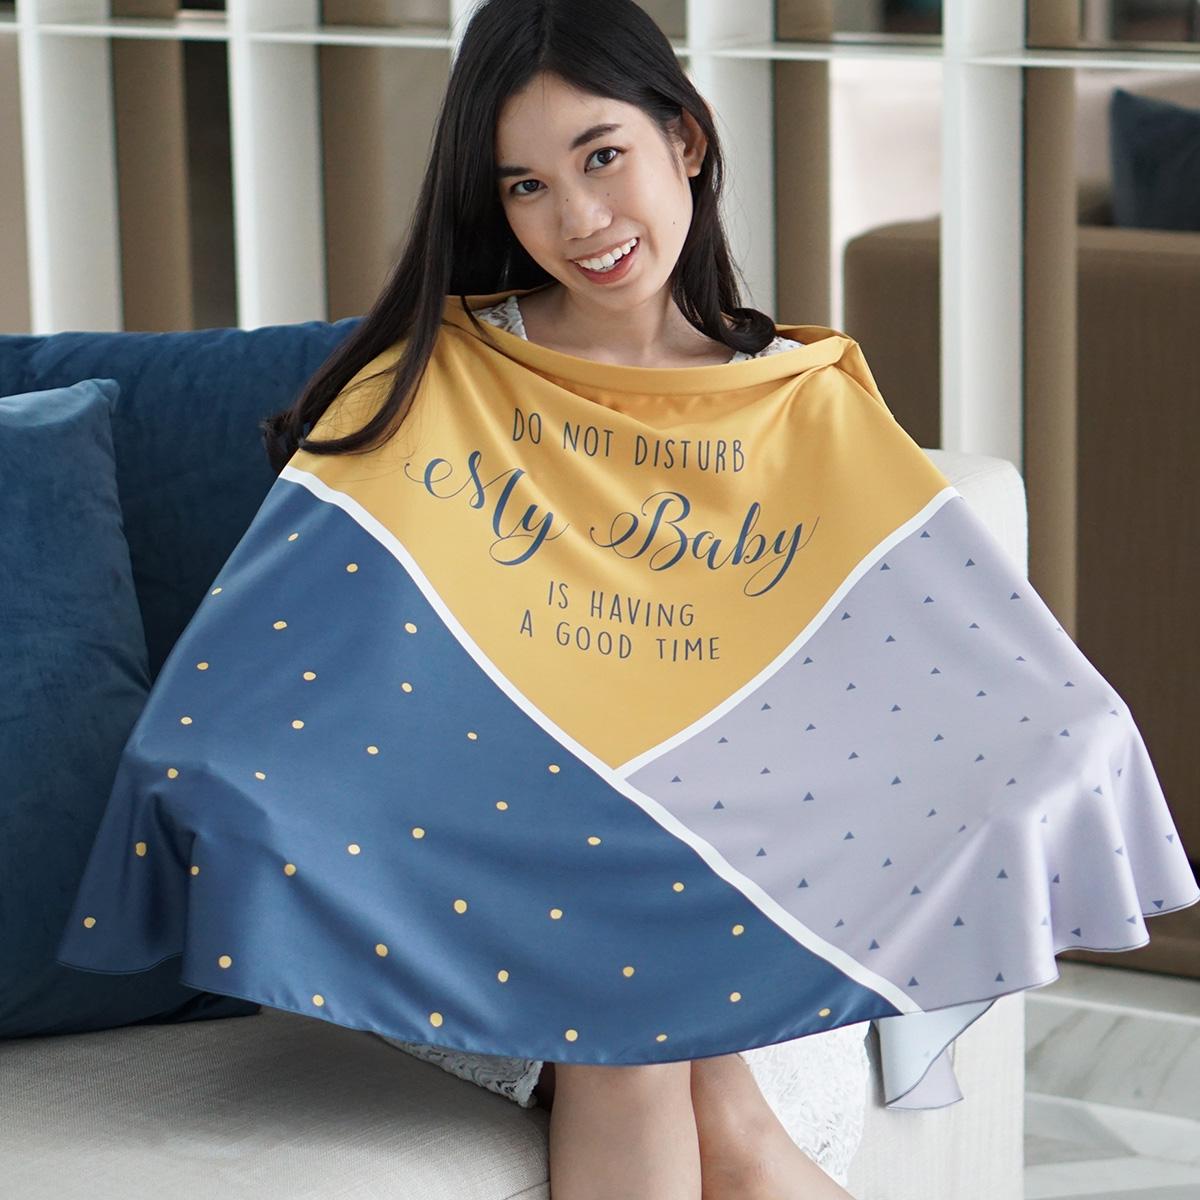 ผ้าคลุมให้นม สั่งทำใส่ชือ ลาย Triangle - Mustard/Grey/Navy